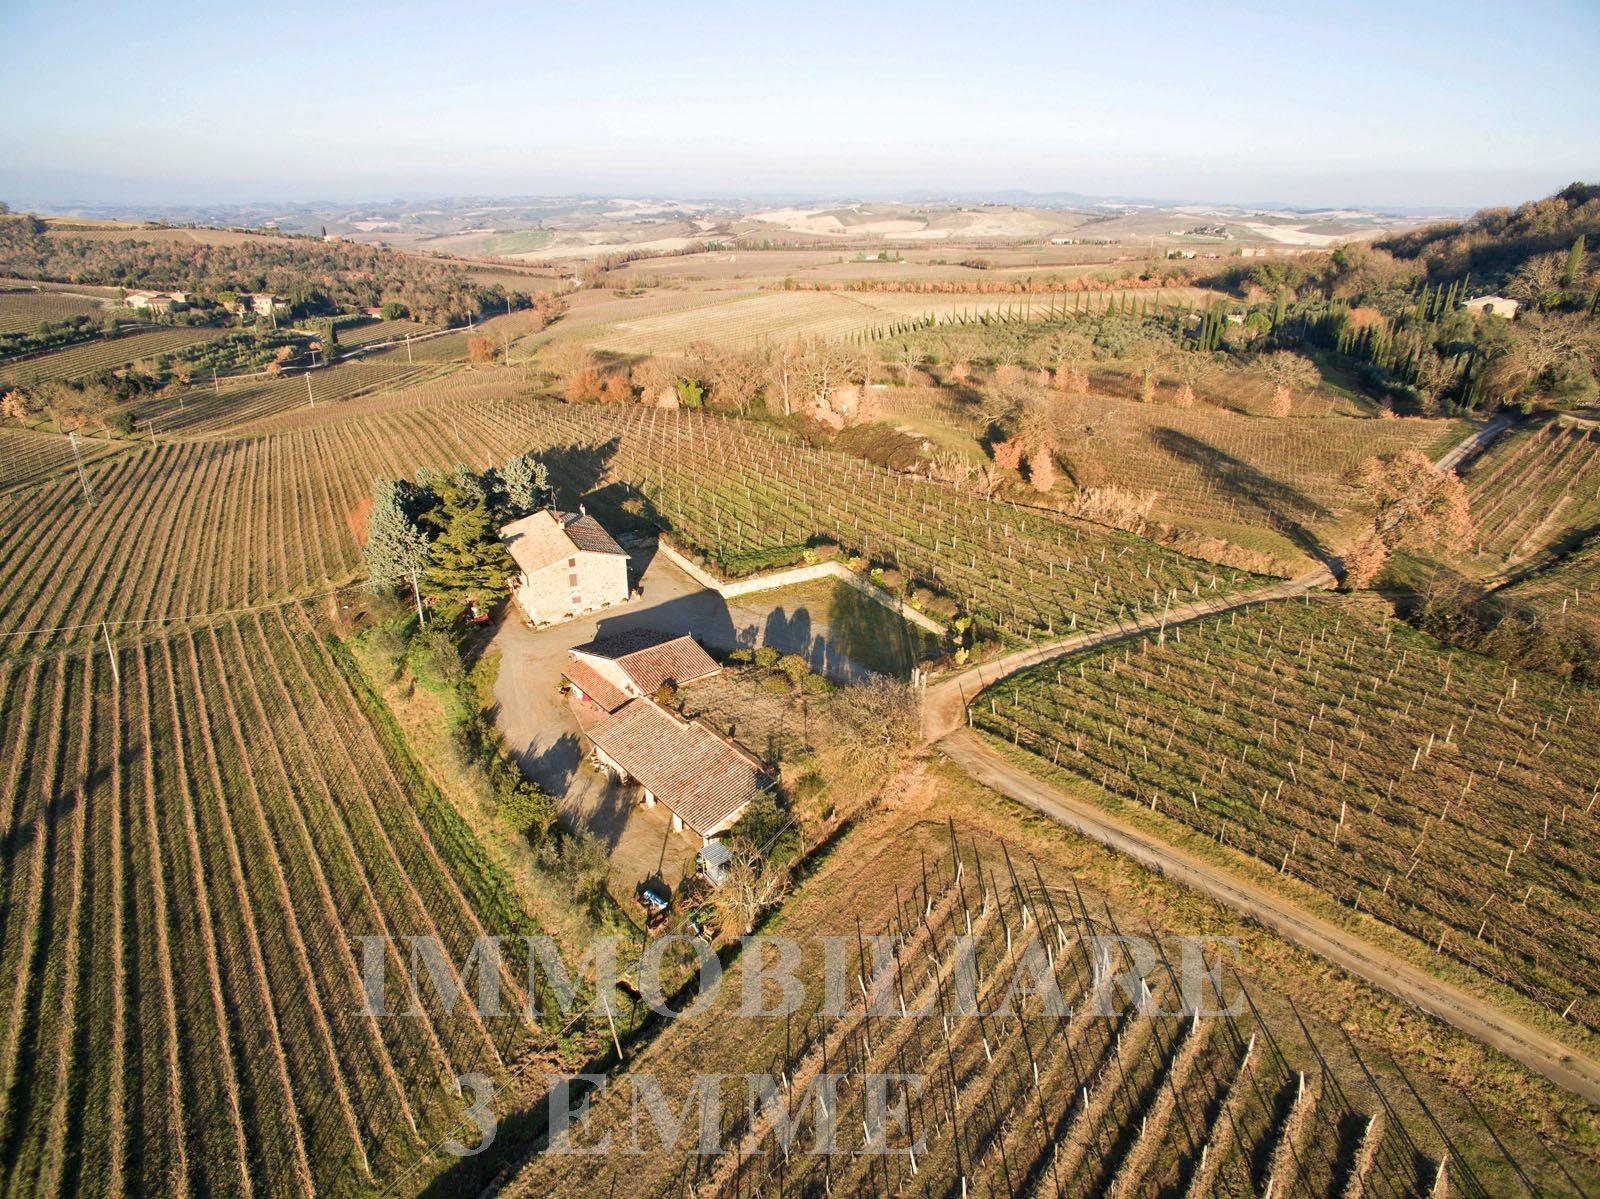 Tuscany, selling winery of Brunello di Montalcino -Az.219